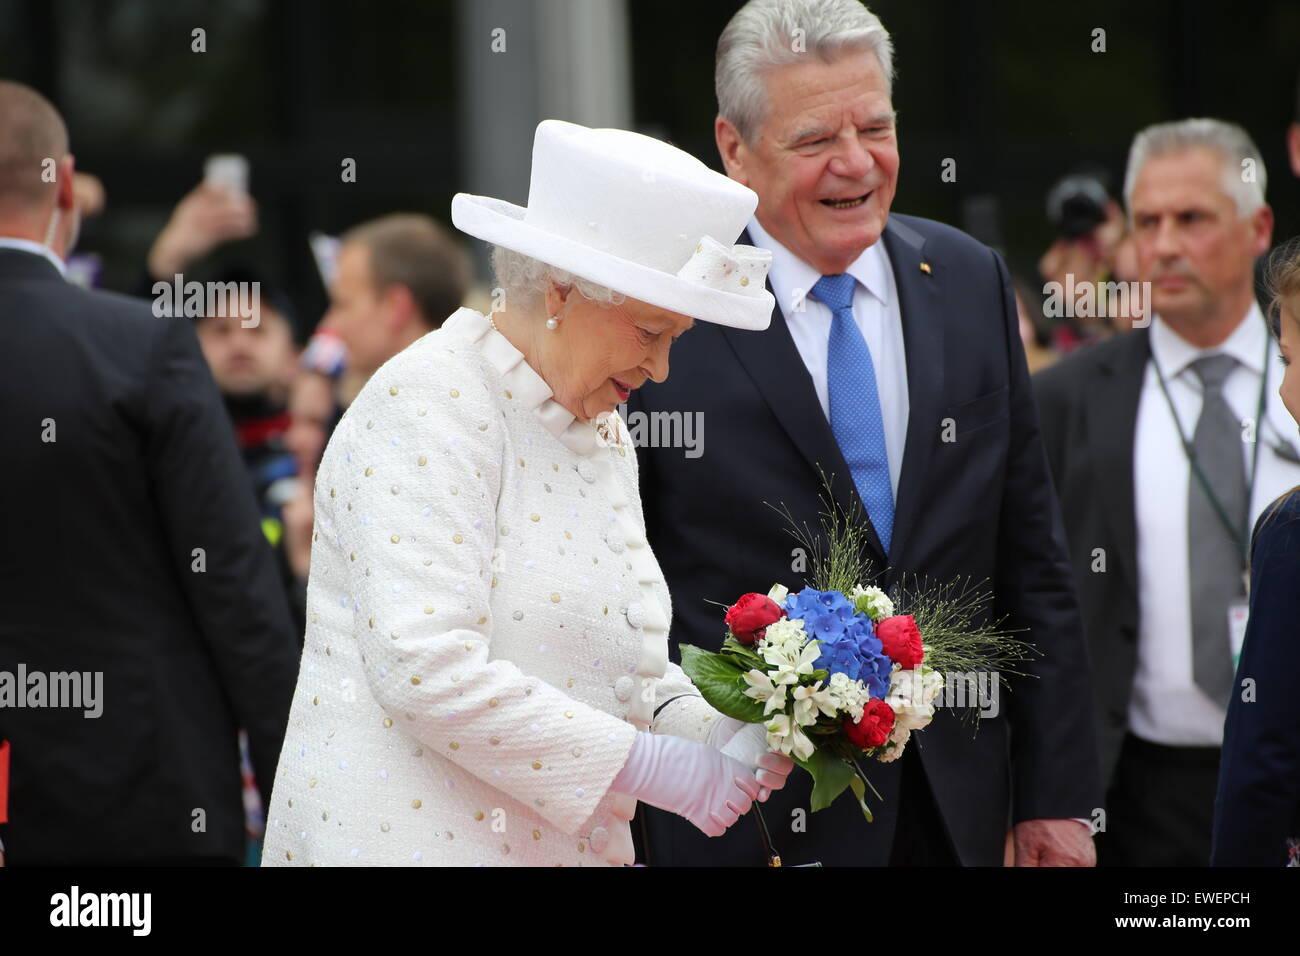 Berlino, Germania. Il 24 giugno 2015. Sua Maestà la Regina Elisabetta II riceve un bouquet, accompagnato dal Presidente Joachim Gauck presso l'Università di Tecnologia di Berlino. © Madeleine Lenzo/Pacific premere /Alamy Live News Foto Stock